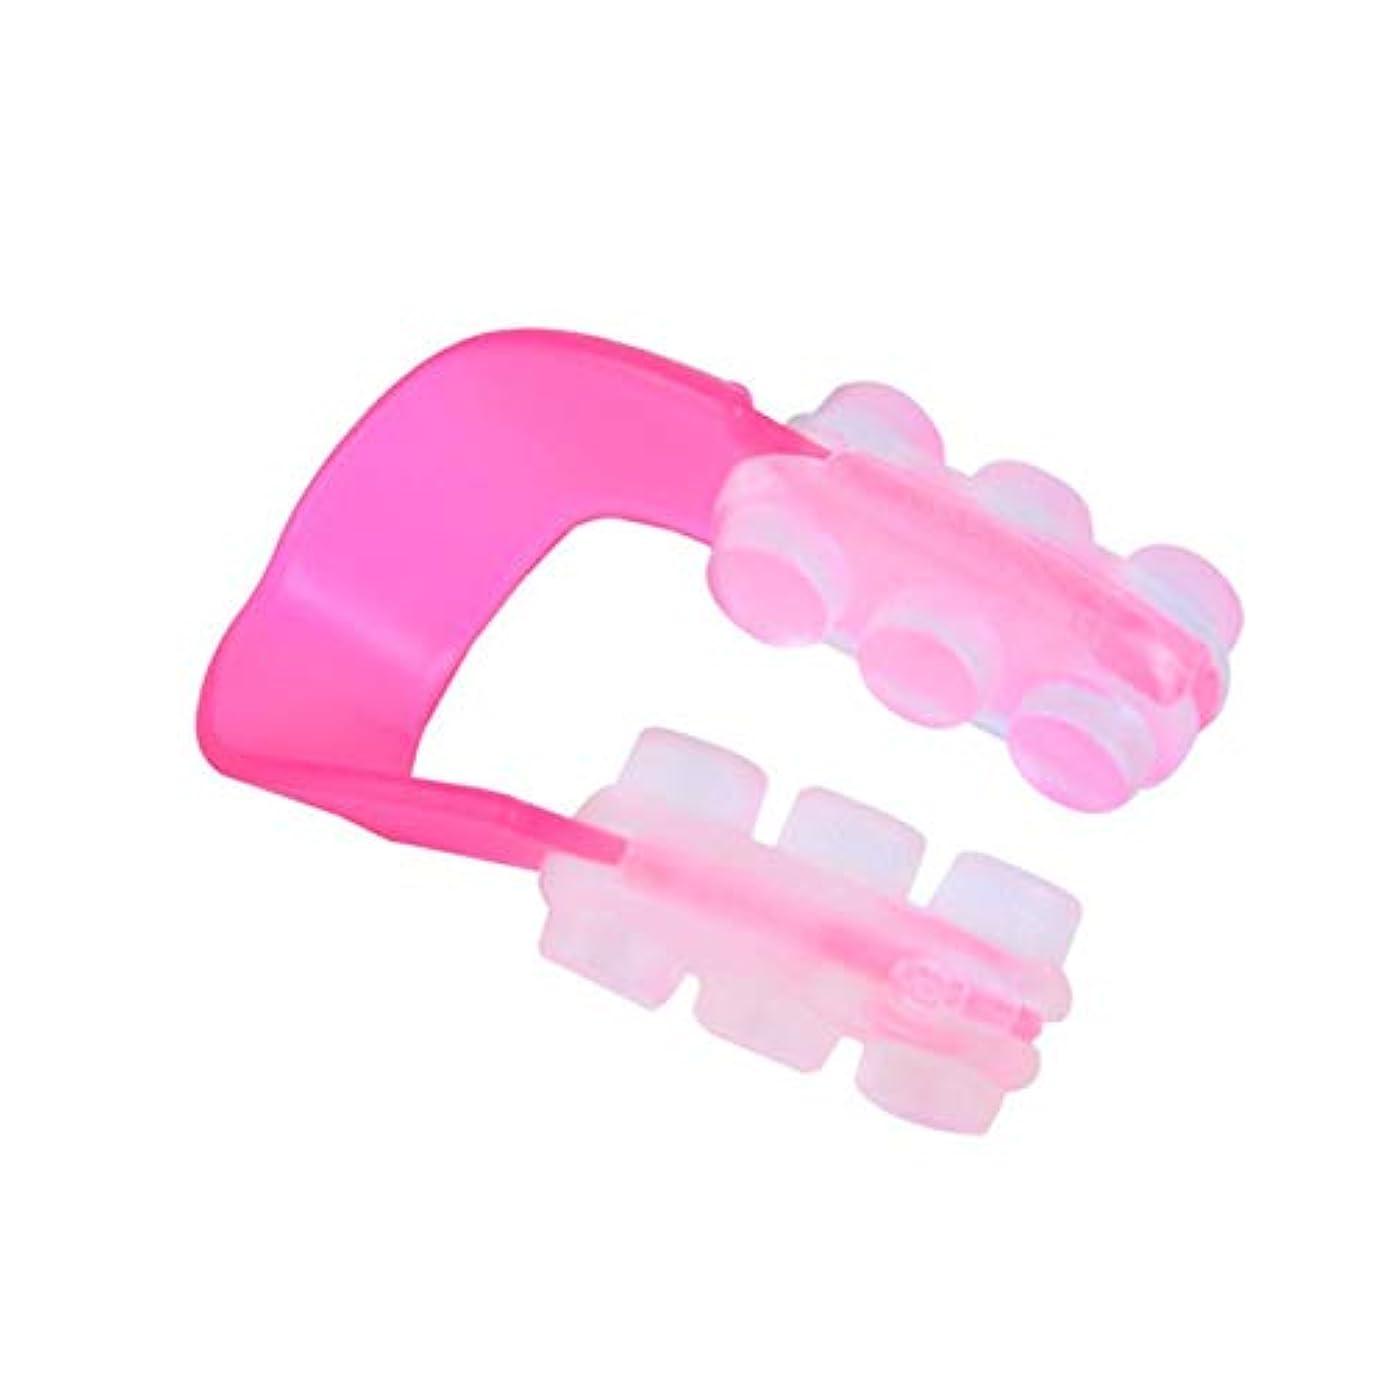 レンダーオーバードロー新着HAMILO ノーズクリップ 美容グッズ 矯正クリップ 鼻を高く 鼻に挟む ノーズアップ 挟むだけ (5個セット)